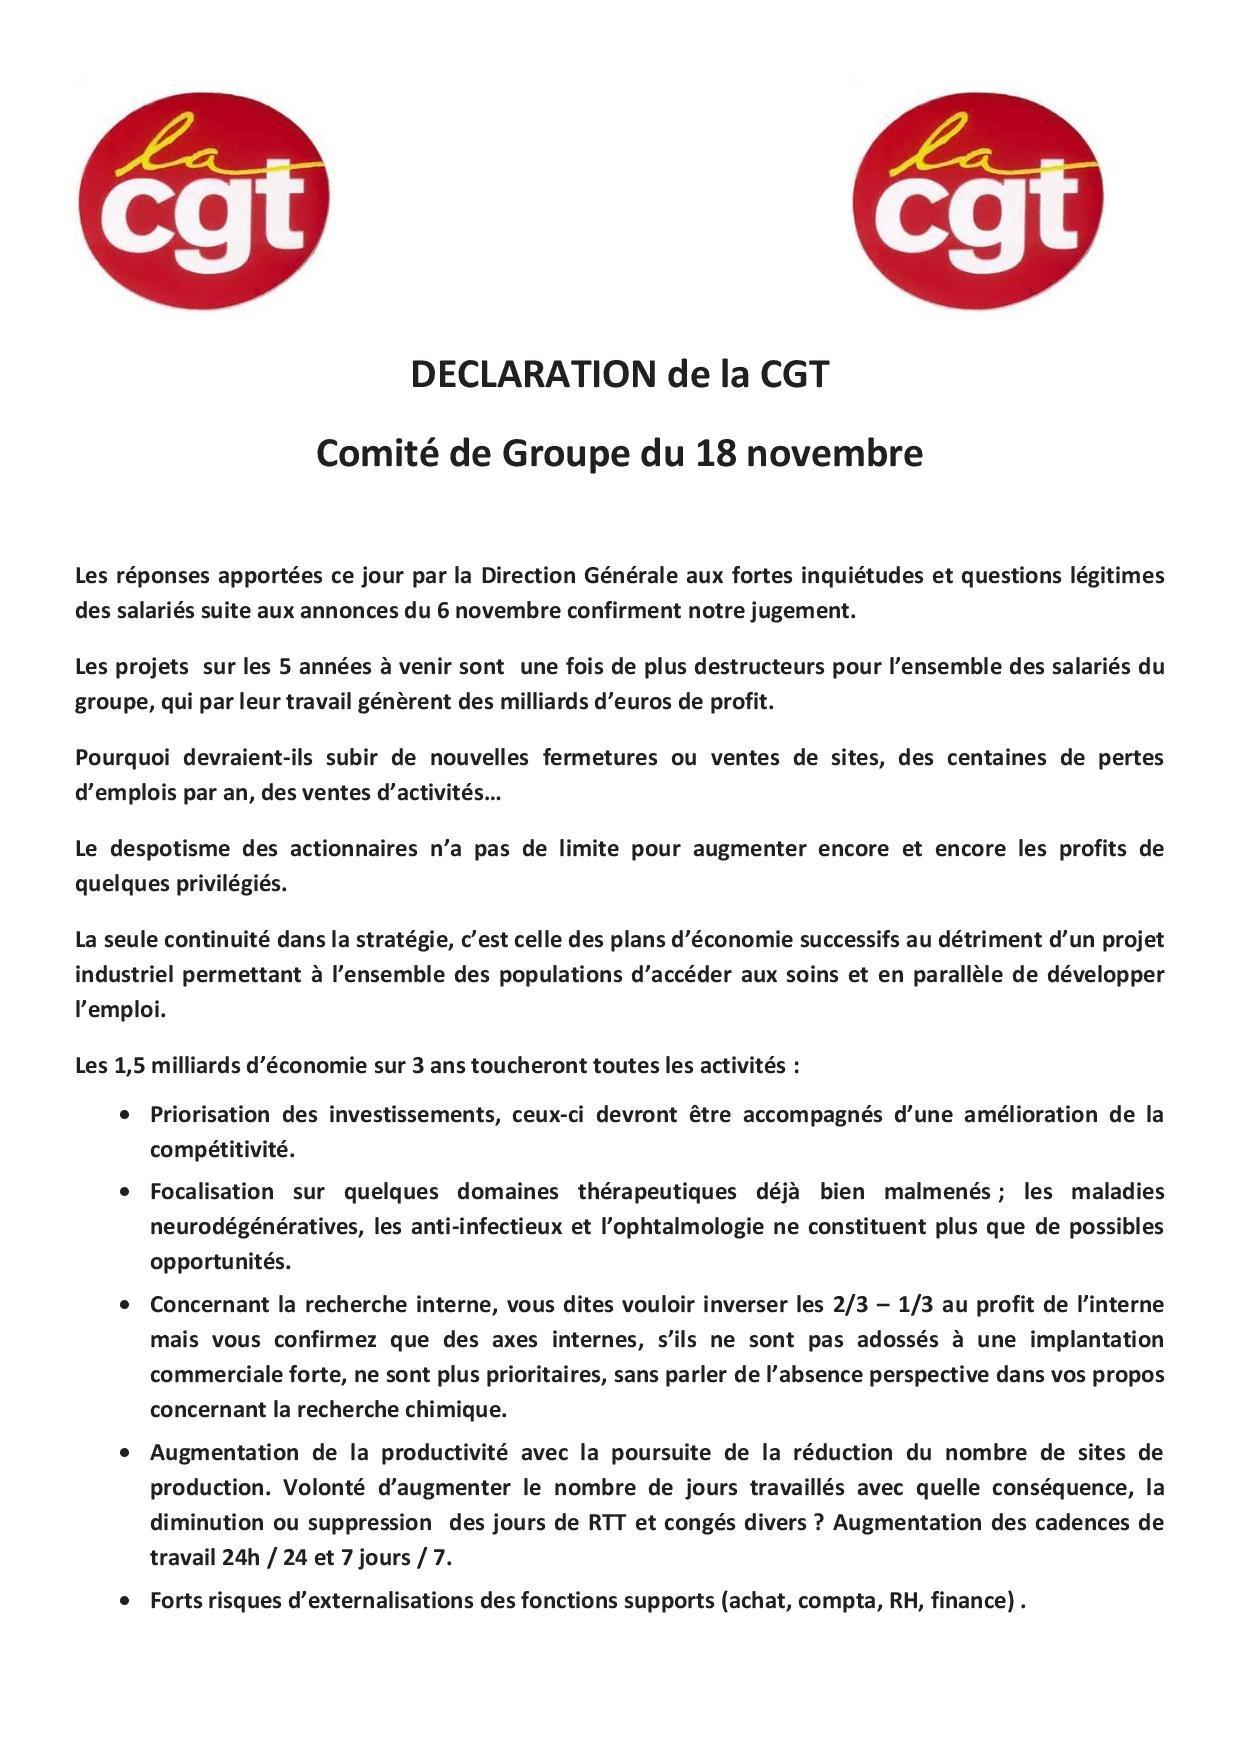 declaration cgt CGF 18 novembre